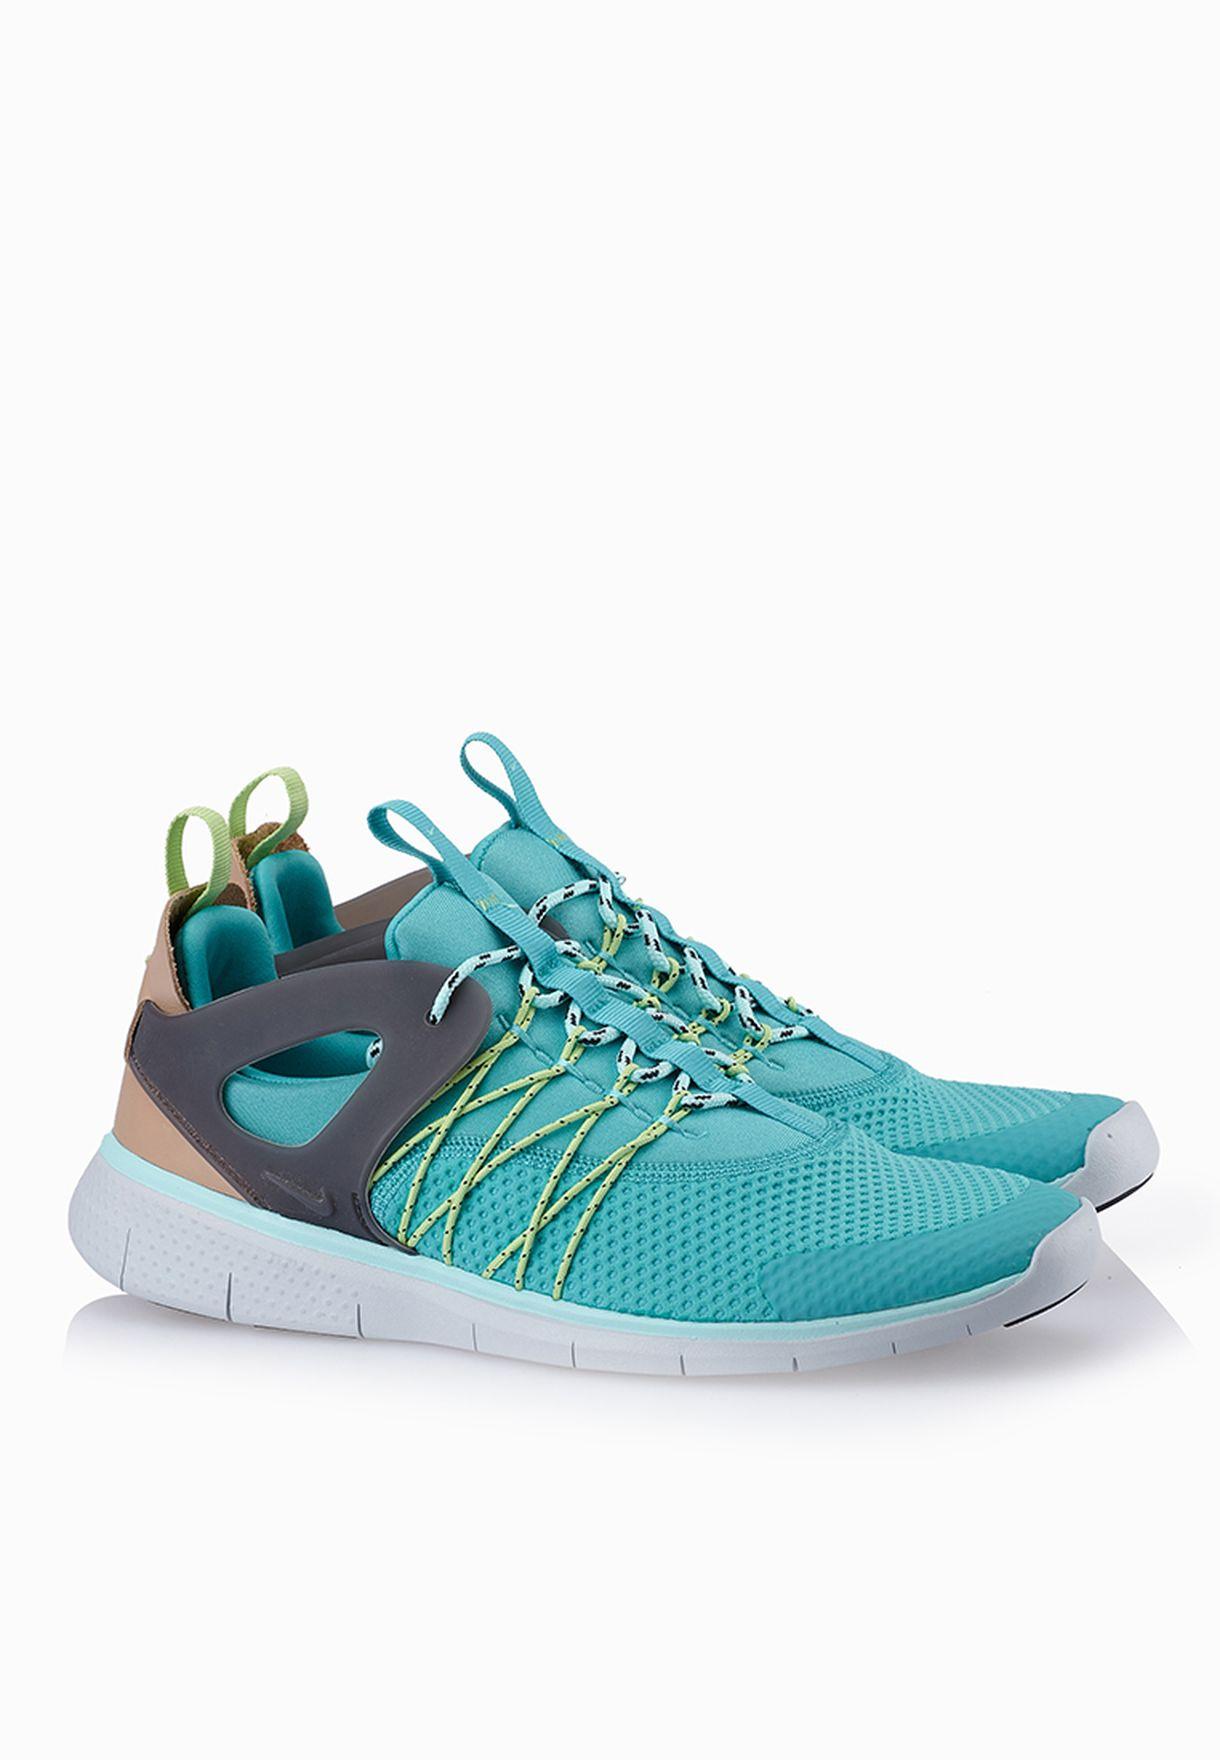 9edaa5865de7 Shop Nike green Free Viritous Sneakers 725060-400 for Women in Saudi ...